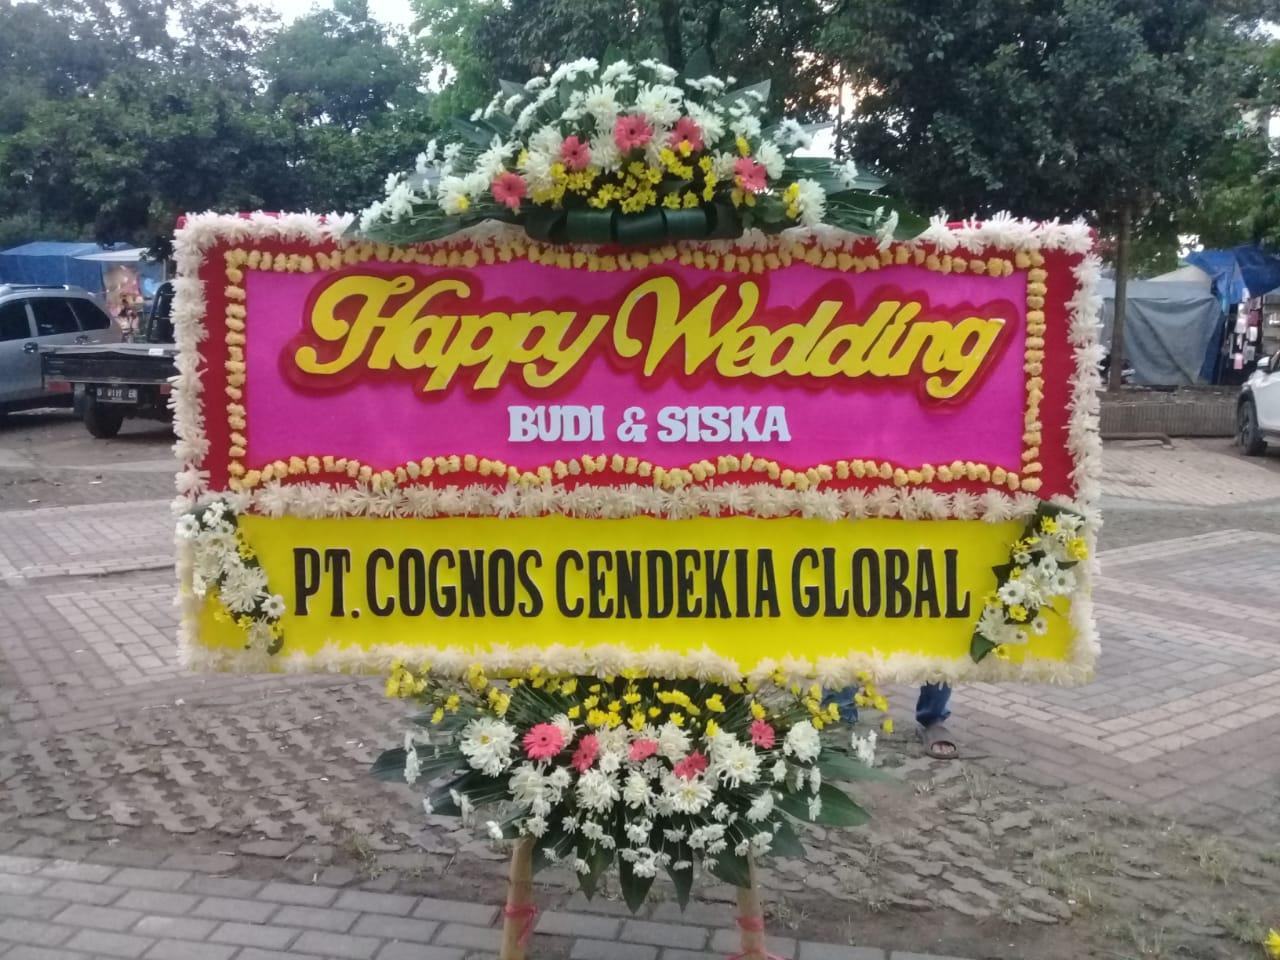 Bunga Papan Ucapan Happy Wedding Bpwh 0451 Toko Bunga Bandung Monalisa Florist Dekorasi Toko Bunga Di Bandung Toko Bunga Murah Bandung Florist Bandung Florist Di Bandung Florist Murah Bandung Toko Bunga